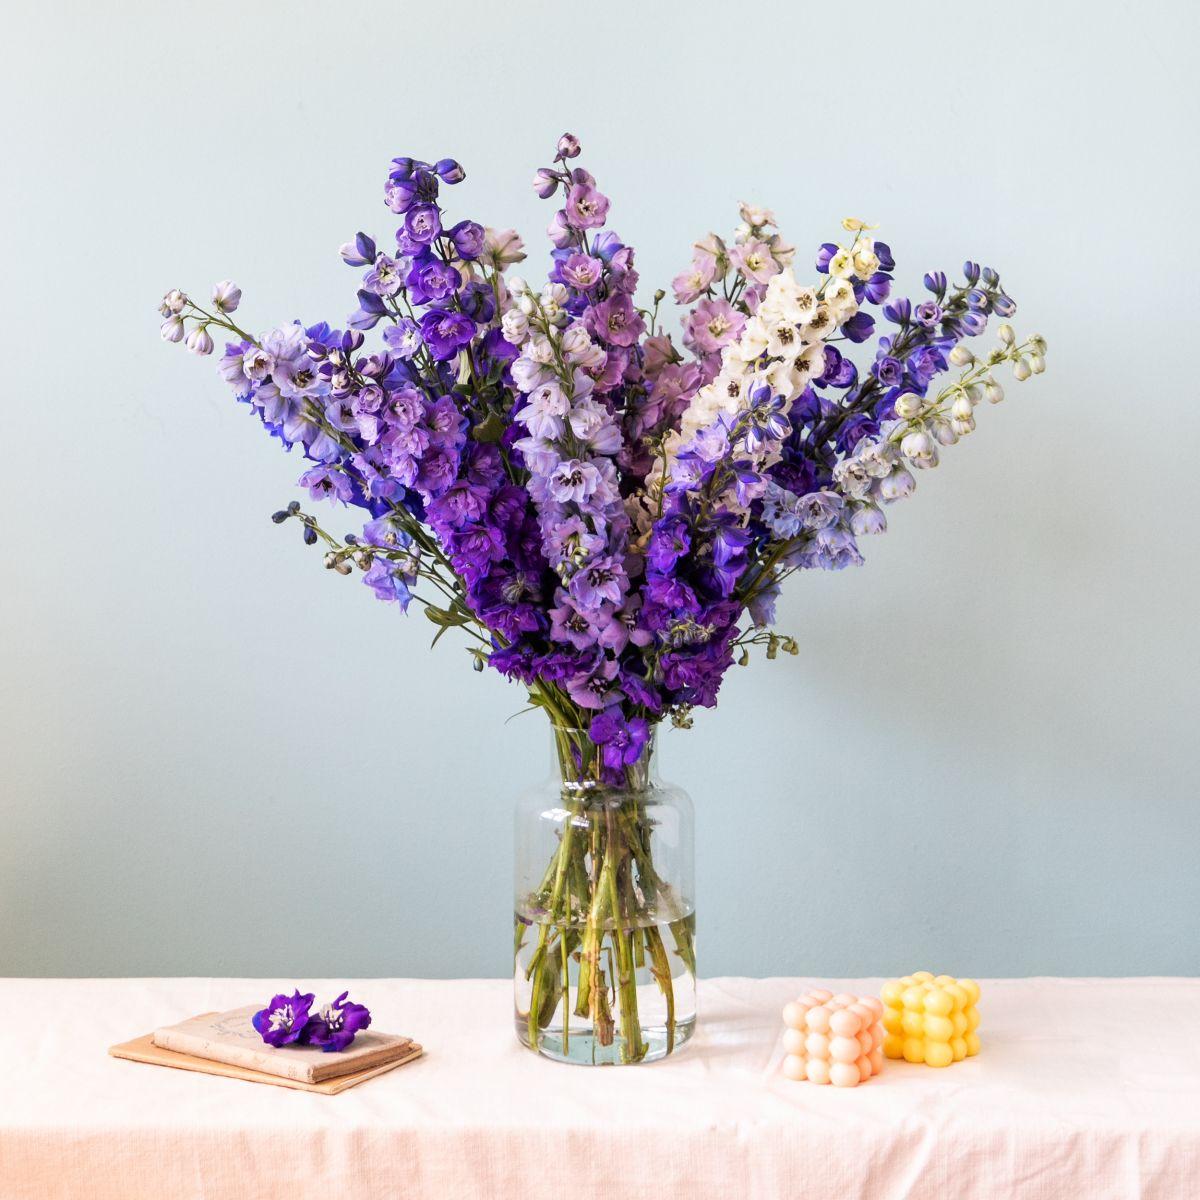 colvin flores codigo descuento